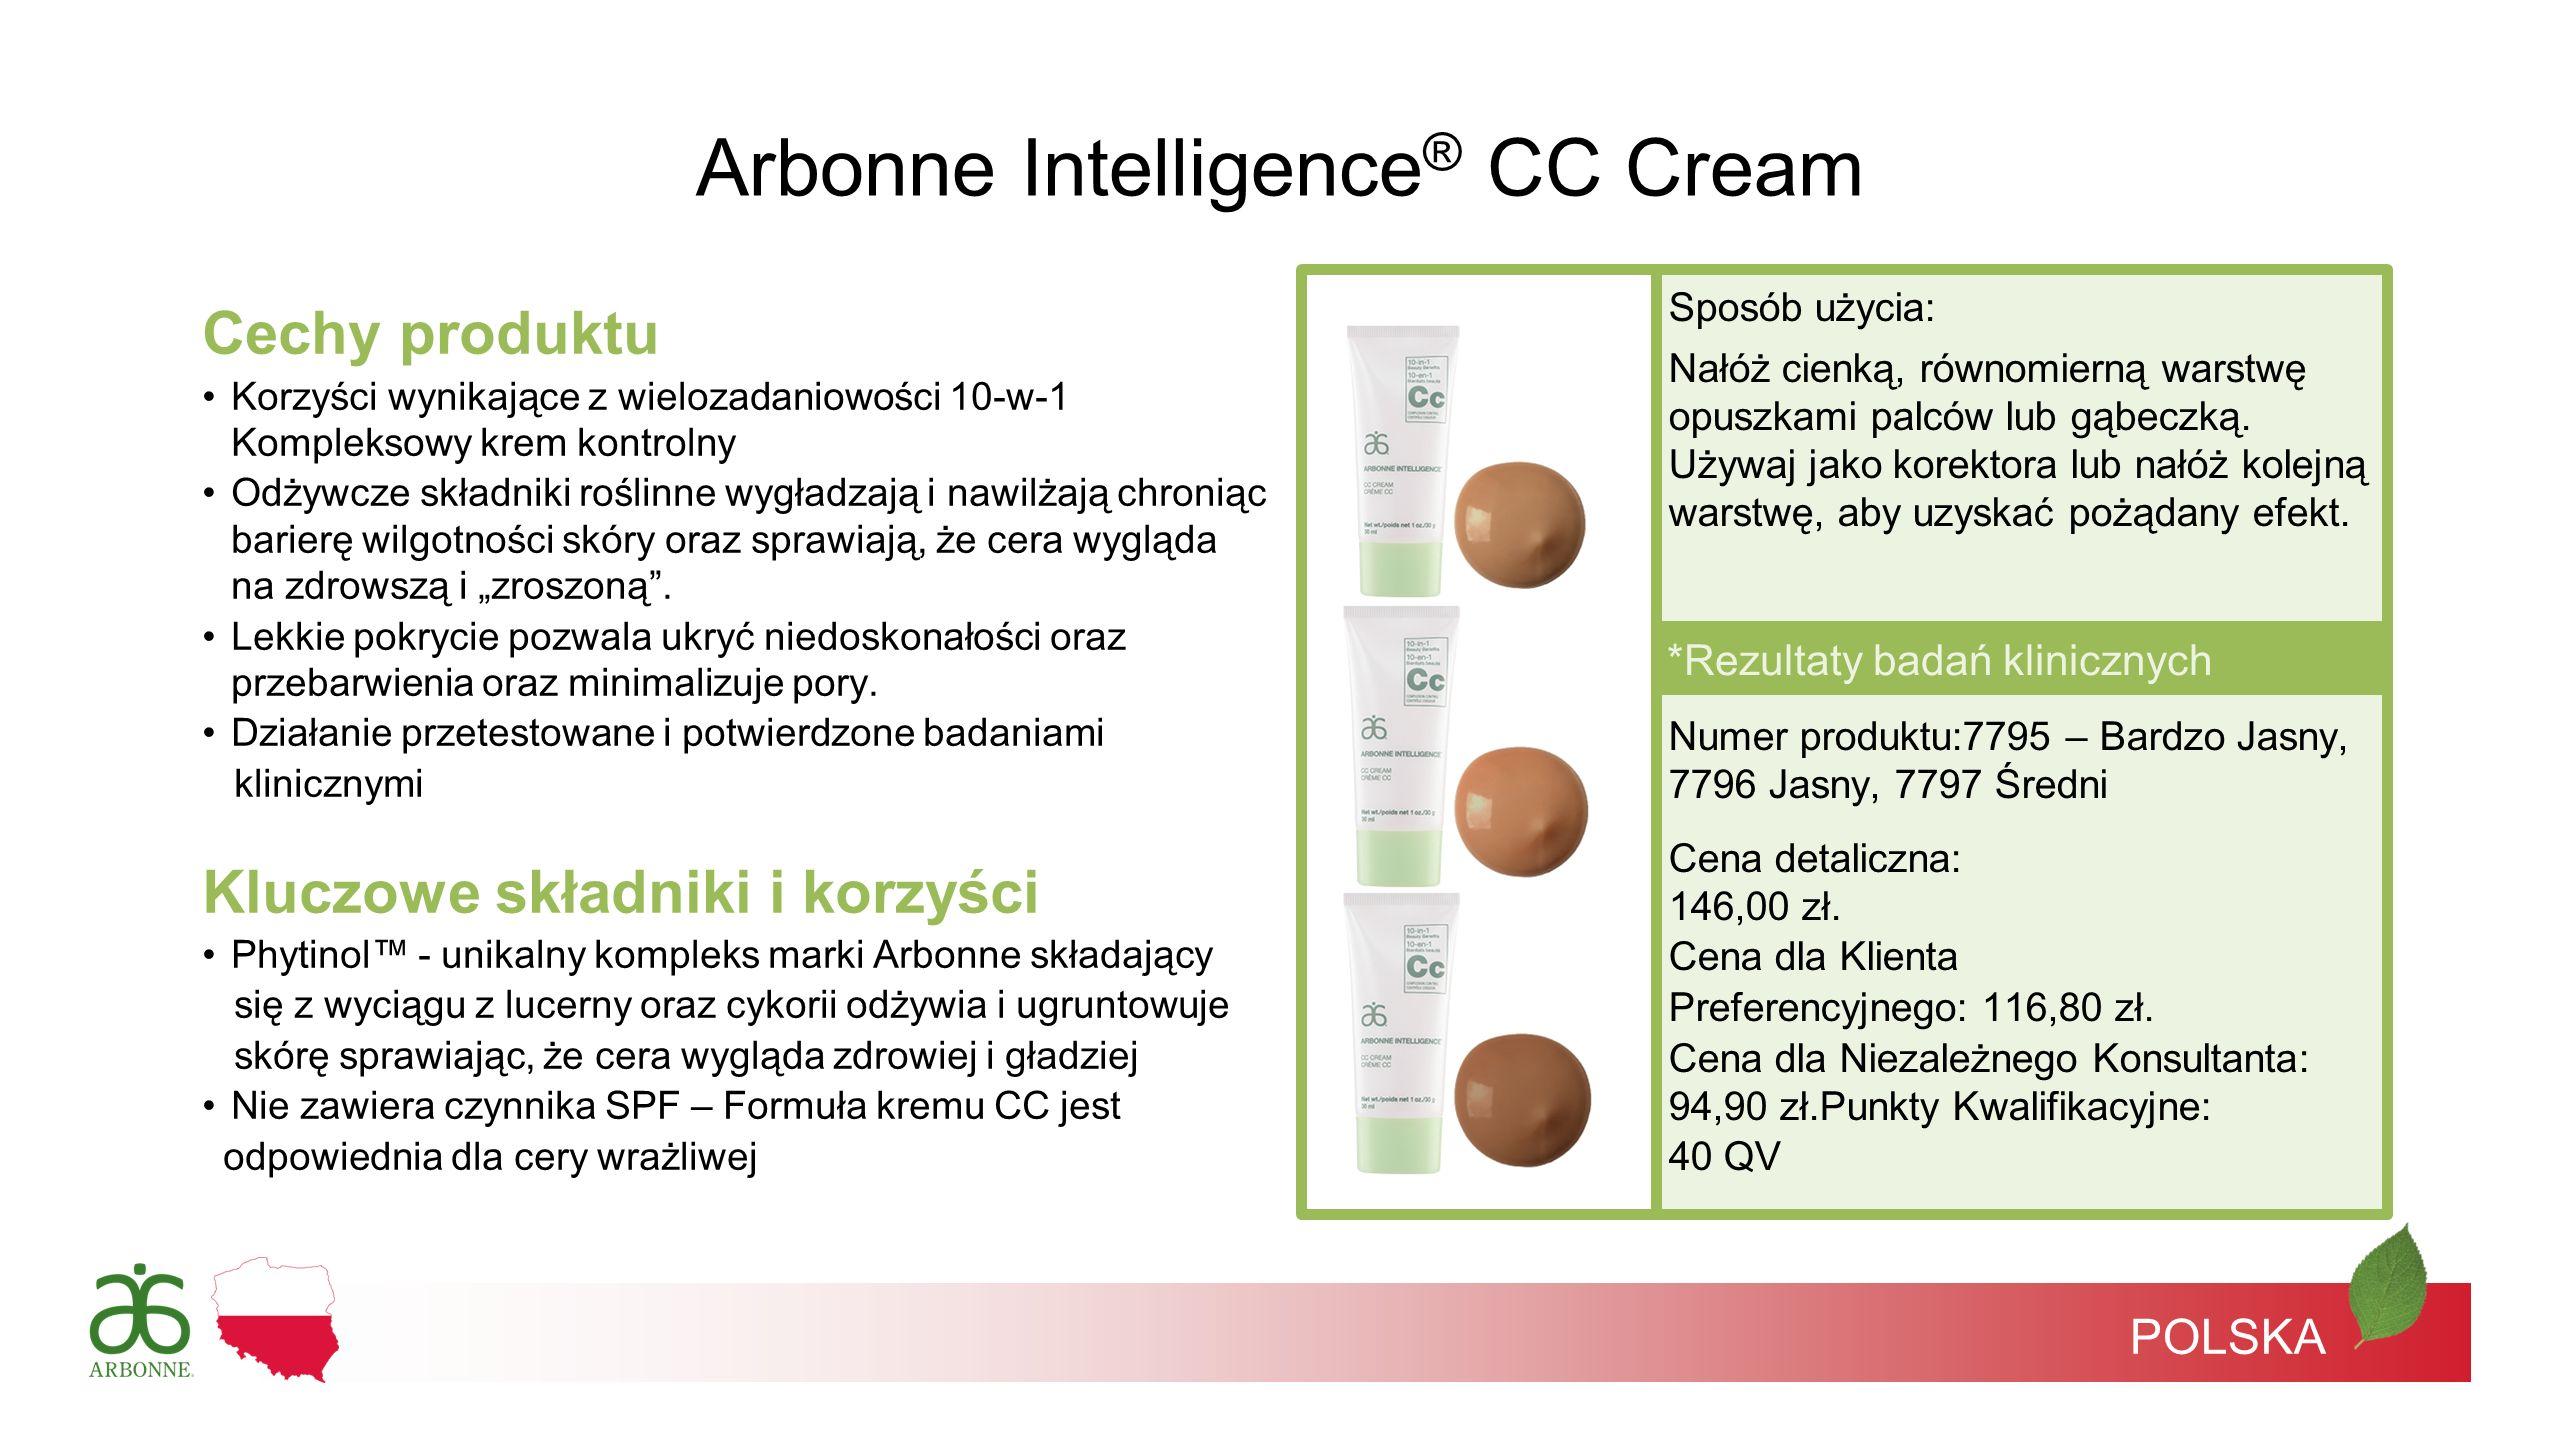 POLSKA *Rezultaty badań klinicznych Arbonne Intelligence ® CC Cream Sposób użycia: Nałóż cienką, równomierną warstwę opuszkami palców lub gąbeczką. Uż